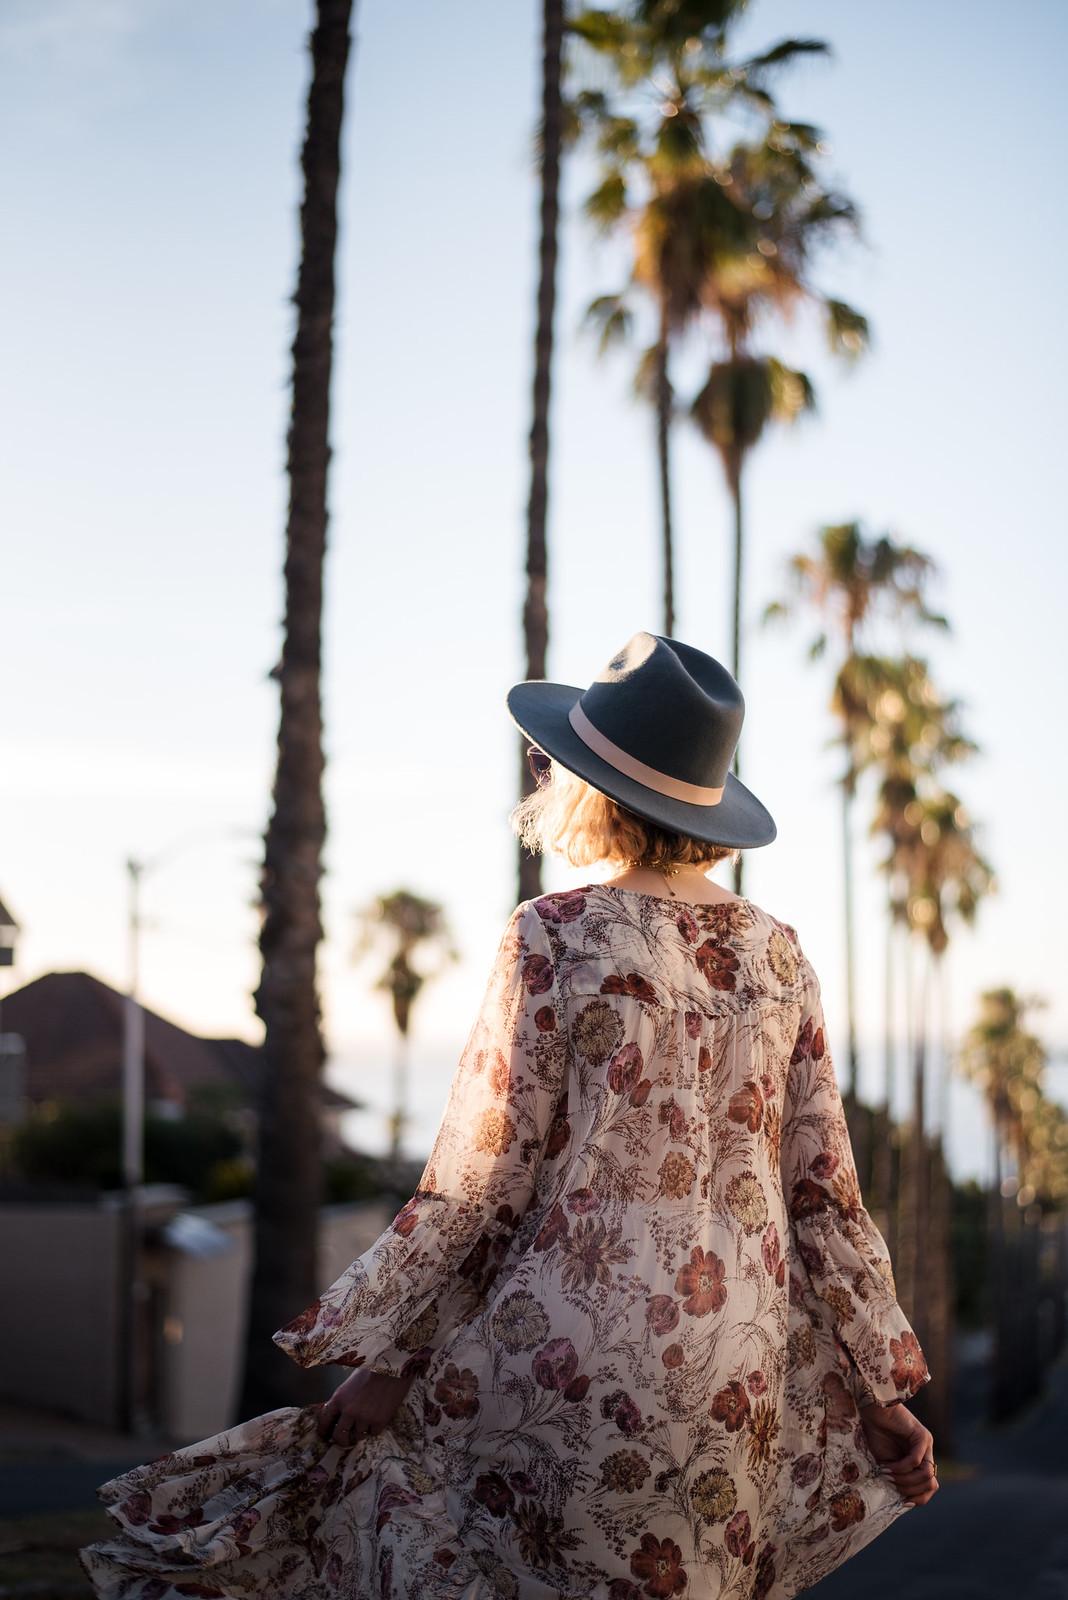 Floral Maxi Dress from Target on juliettelaura.blogspot.com